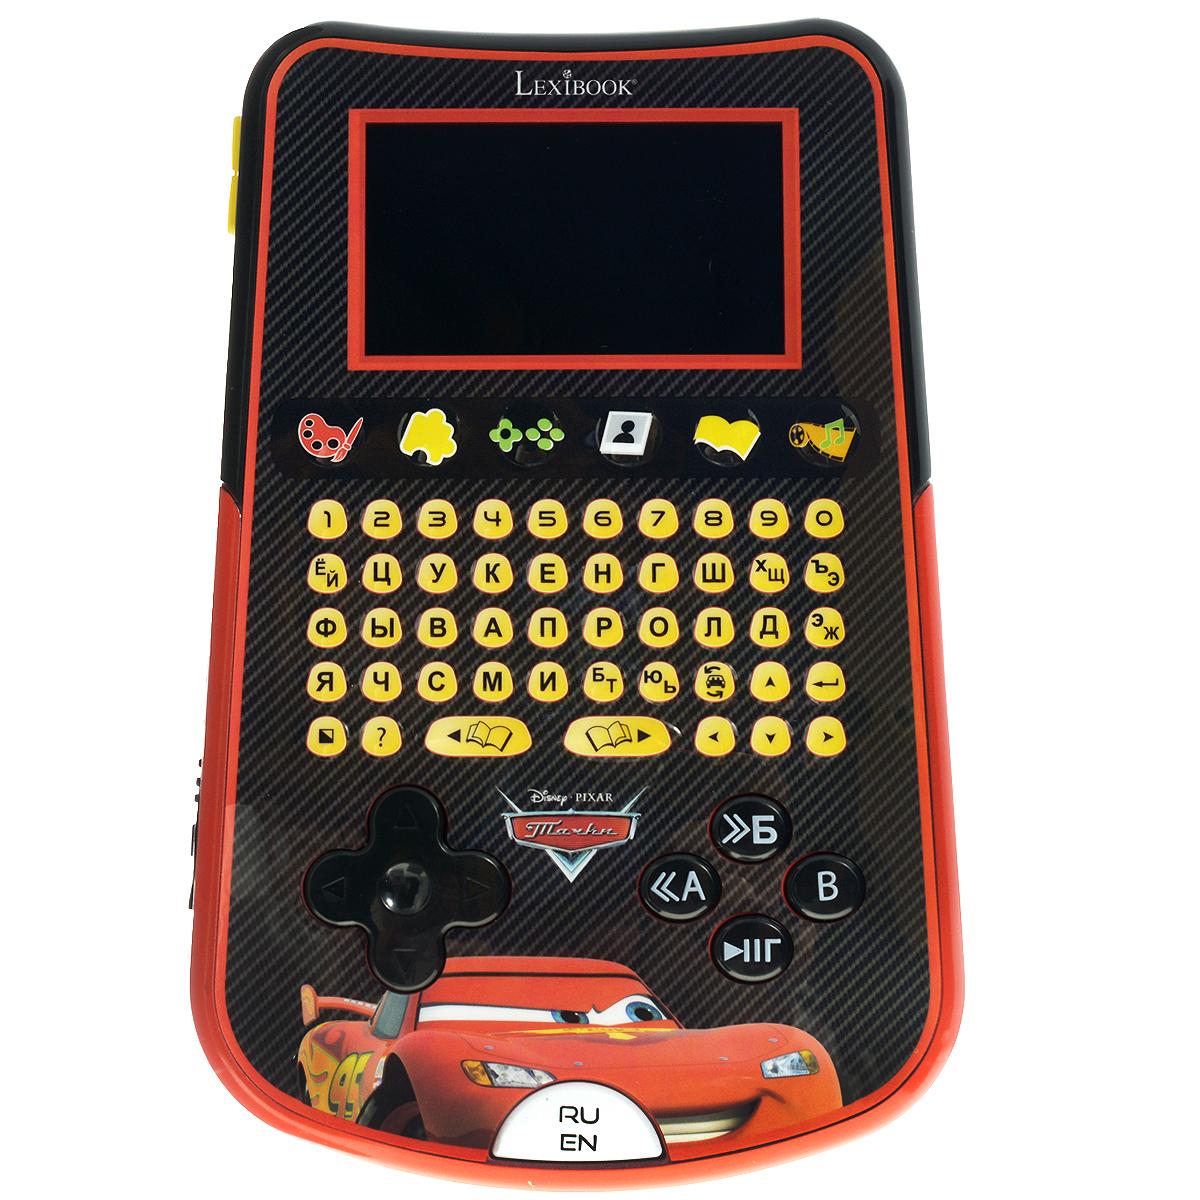 Компьютер планшетный детский Lexibook ТачкиLEX KP100DCi5Детский планшетный компьютер Lexibook Тачки позволит вашему малышу весело и с пользой провести время. Окунитесь в мир Тачек Disney вместе с этим детским обучающим планшетом и пройдите 40 обучающих и игровых заданий на русском и английском языках. Компьютер имеет 6 режимов: Комиксы - 3 красочных комикса, озвученные голосами героев мультфильма Тачки! Окунитесь в захватывающий мир Тачек вместе с Мэтром и Молнией МакКуином. Видео и музыка - благодаря качественному цветному экрану теперь на детском компьютере можно смотреть видео! Любимые мультфильма и песни малыша теперь всегда будут под рукой. Игры - испытайте свои возможности в 6 захватывающих видеоиграх, которые потребуют ловкости и скорости реакции. Галерея персонажей - в этом режиме вы сможете узнать еще больше о любимых героях! В галерее расположены изображения персонажей и их биографии. Рисование - развивайте свои творческие способности! Создавайте свои удивительные изображения...